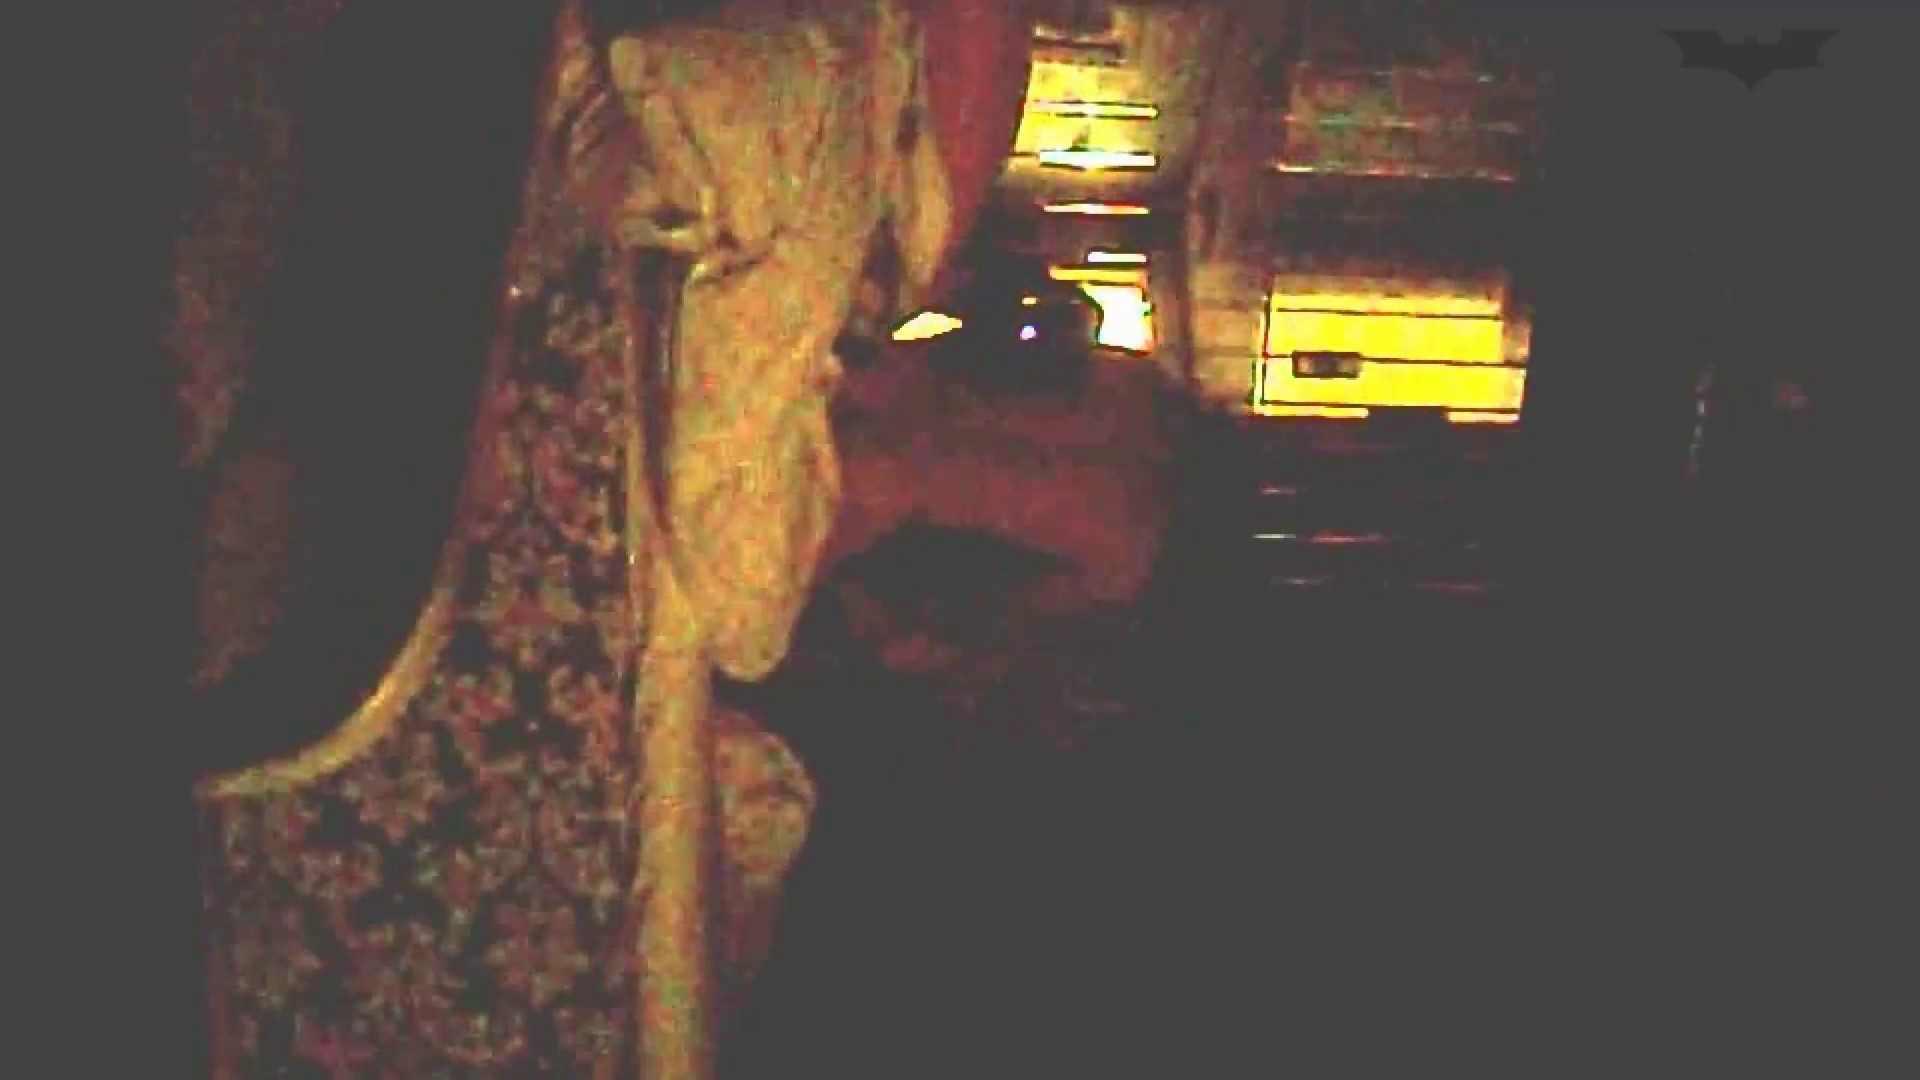 ▲2017_13位▲ 学園アイドル美人女子大生❷(下巻)5人詰合せVol.50 アイドル 戯れ無修正画像 111枚 15